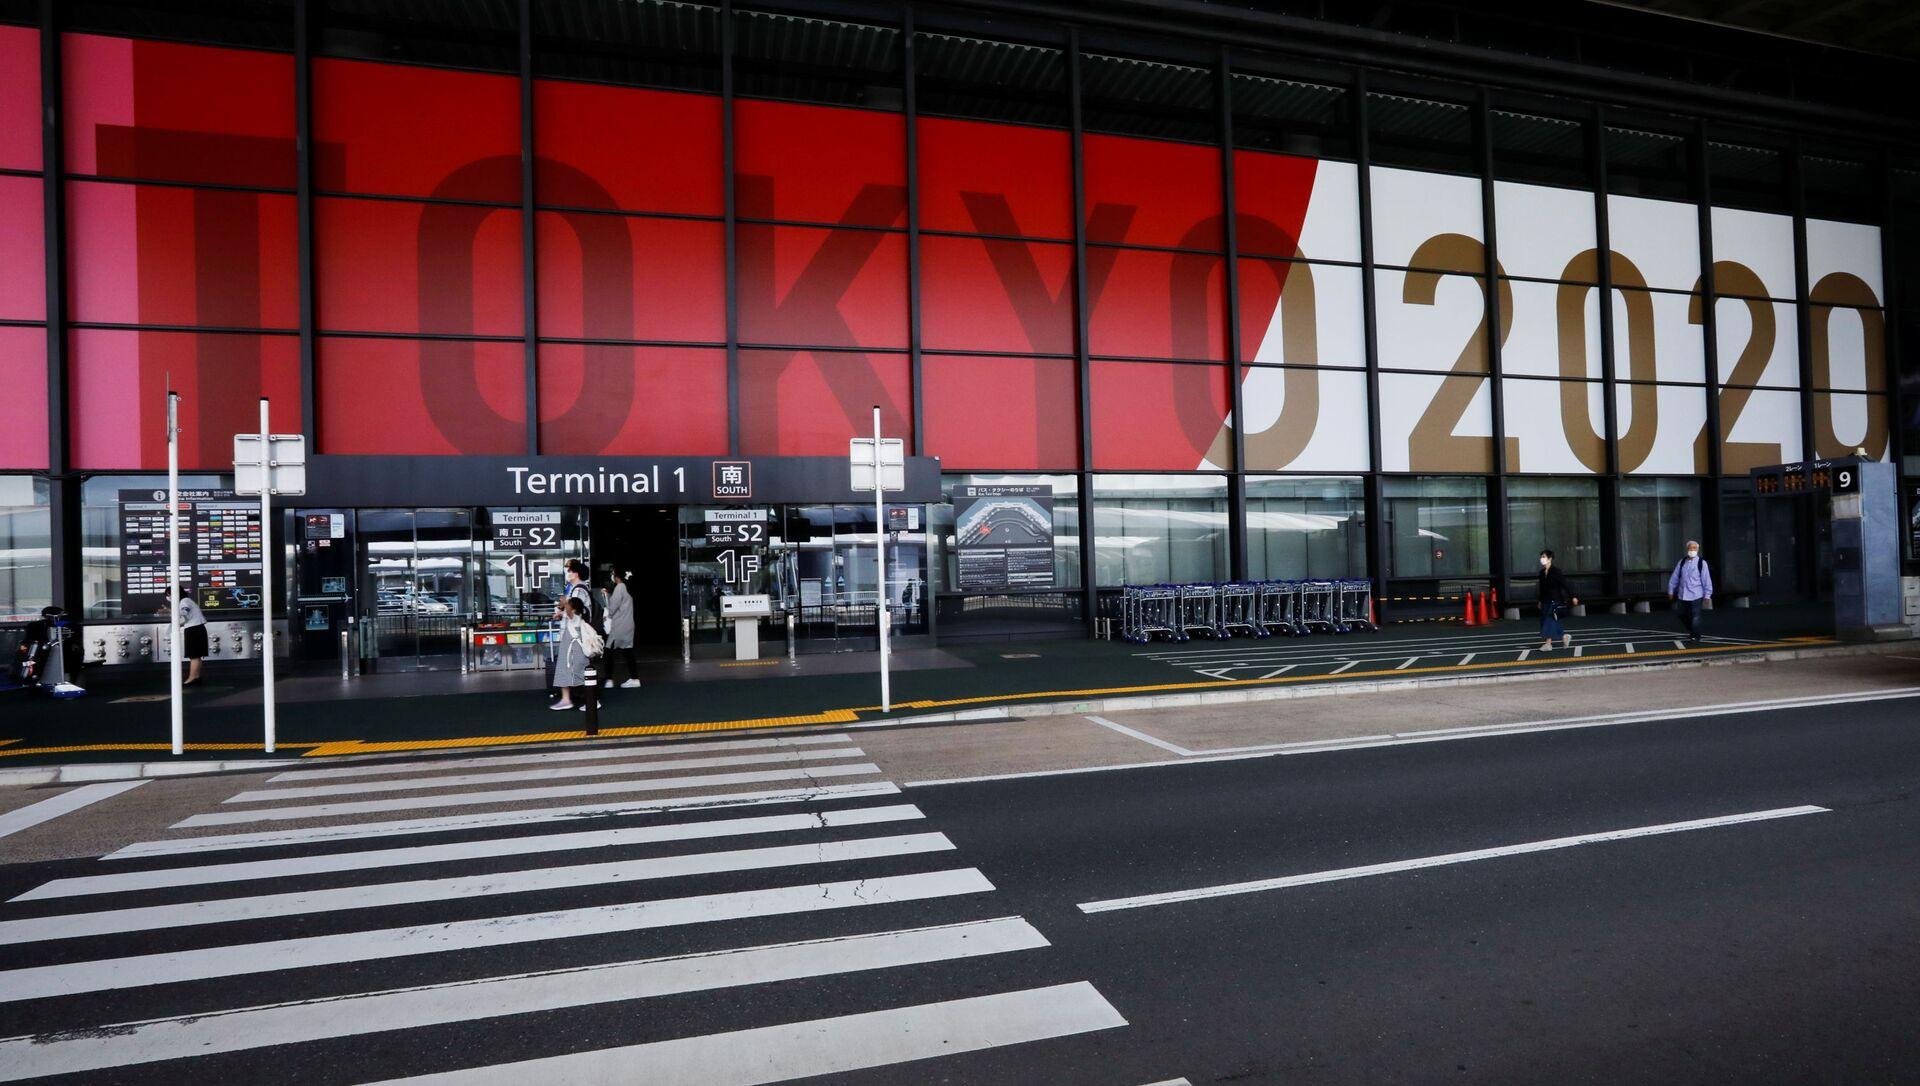 東京五輪 いよいよ開幕式 選手の入場行進スタート - Sputnik 日本, 1920, 23.07.2021